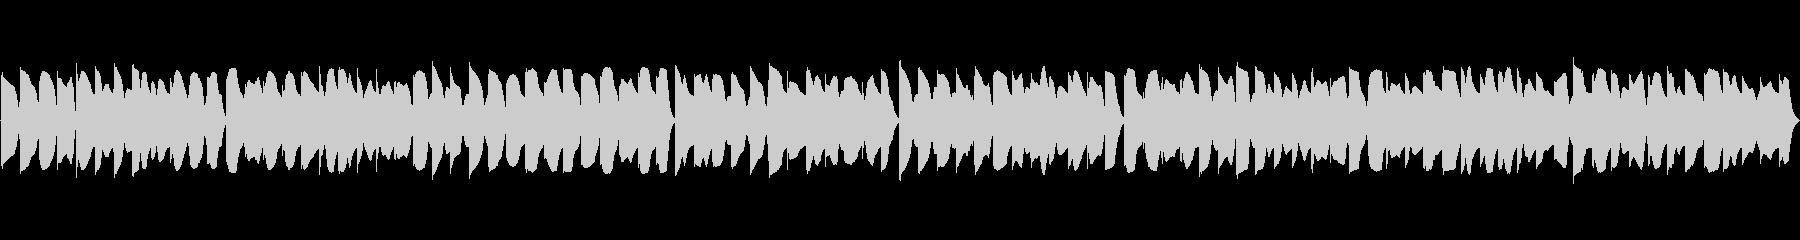 レトロ風なループ曲の未再生の波形